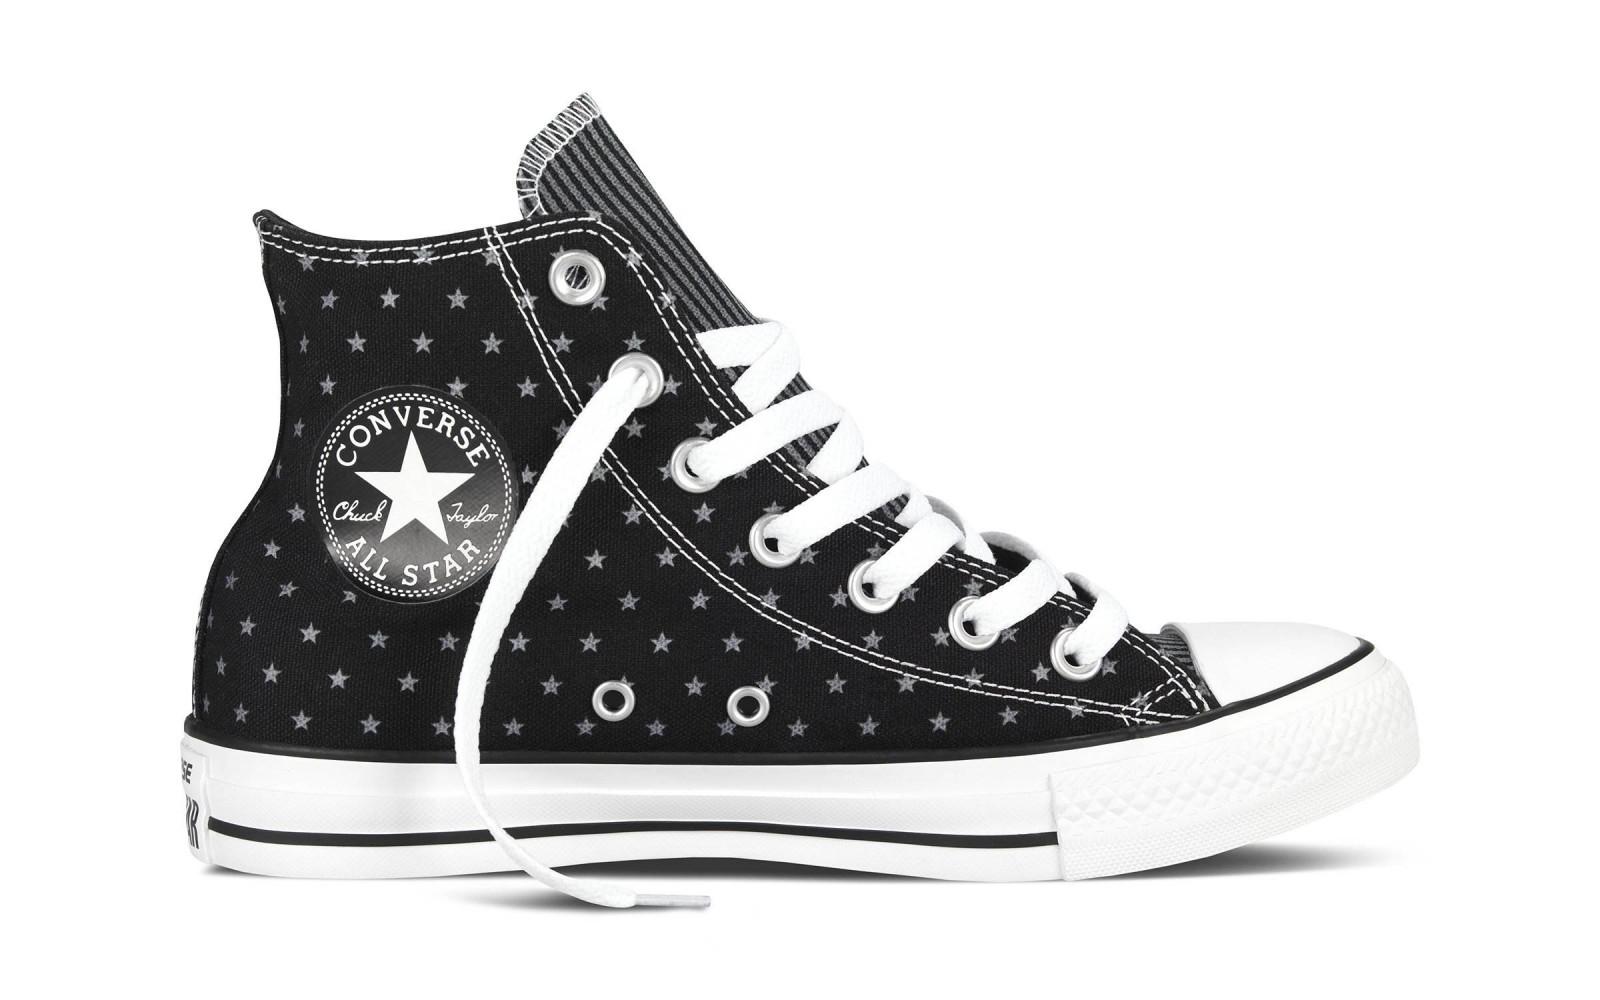 Dámské boty Converse Chuck Taylor All Star černé hvězdy  36ee0700fd